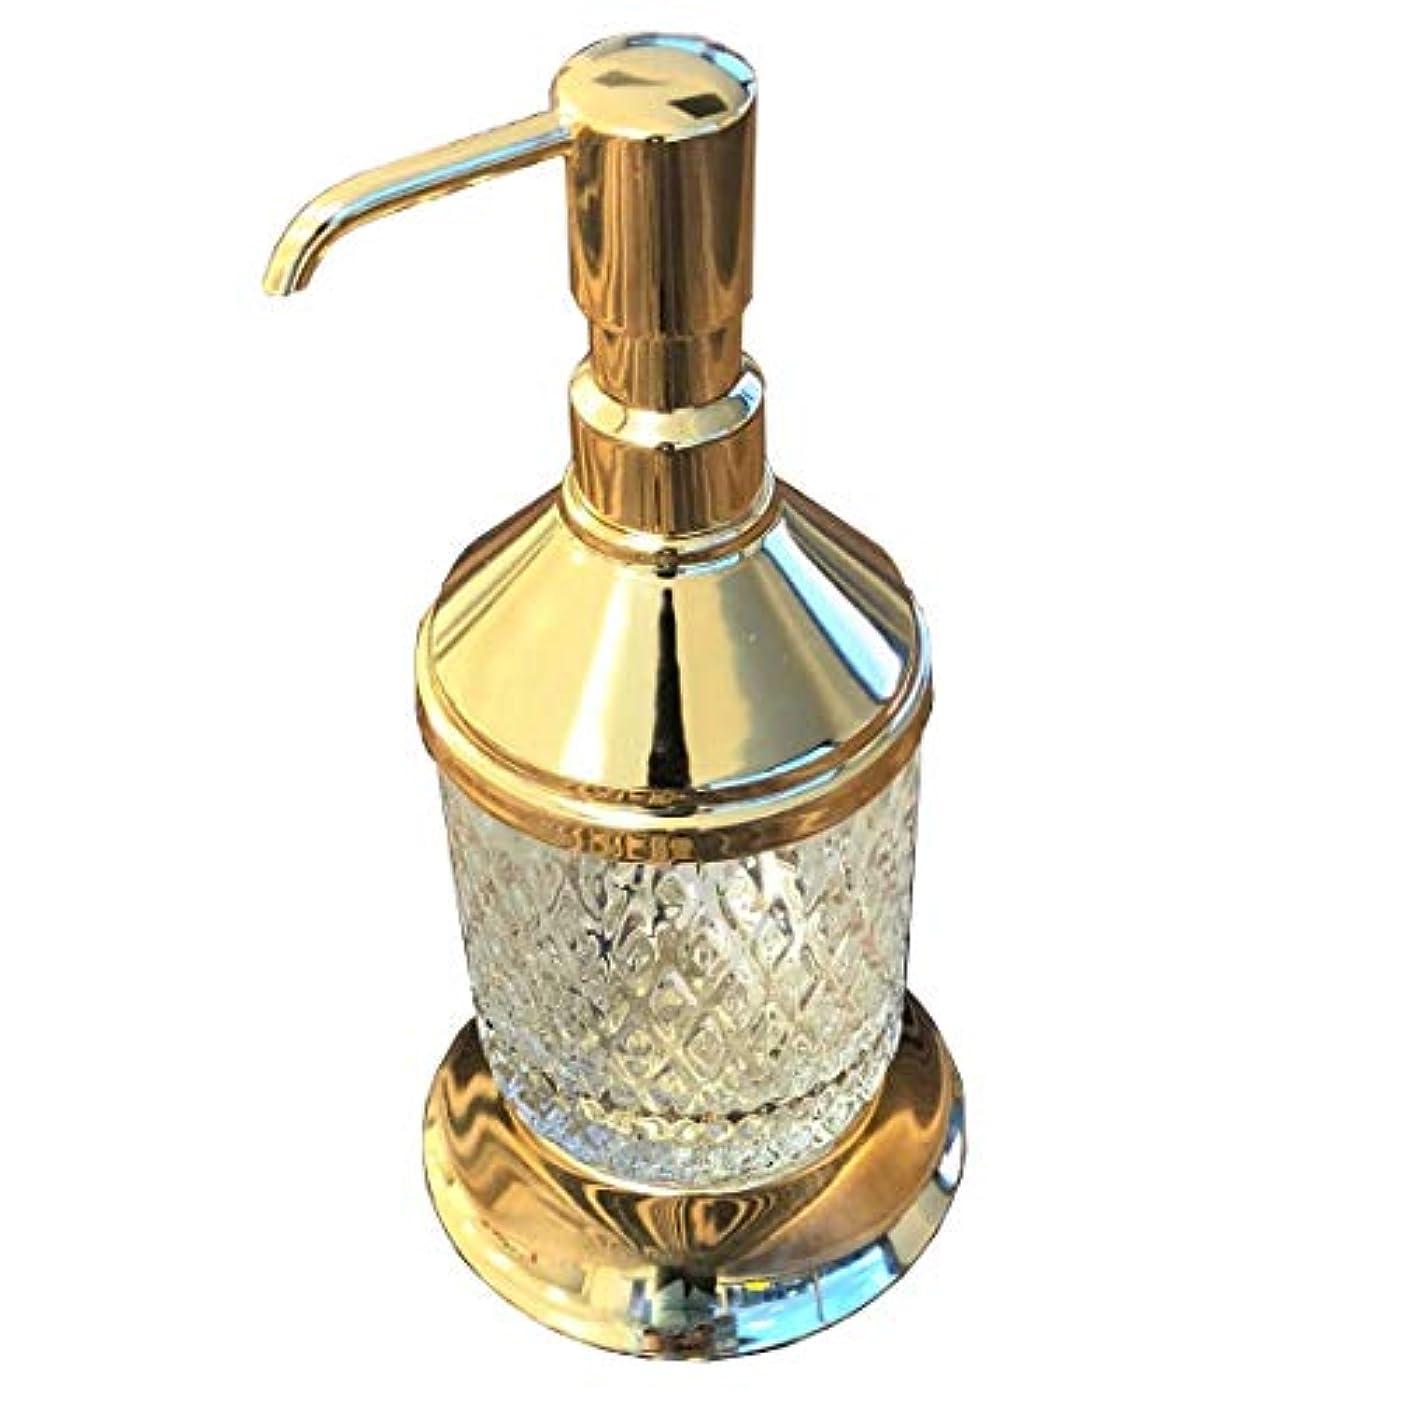 不完全アクチュエータ流行しているラグジュアリー真鍮Liquid Hand Soapまたはローションdispenser-goldバスルームdecor-brassバスルームアクセサリー